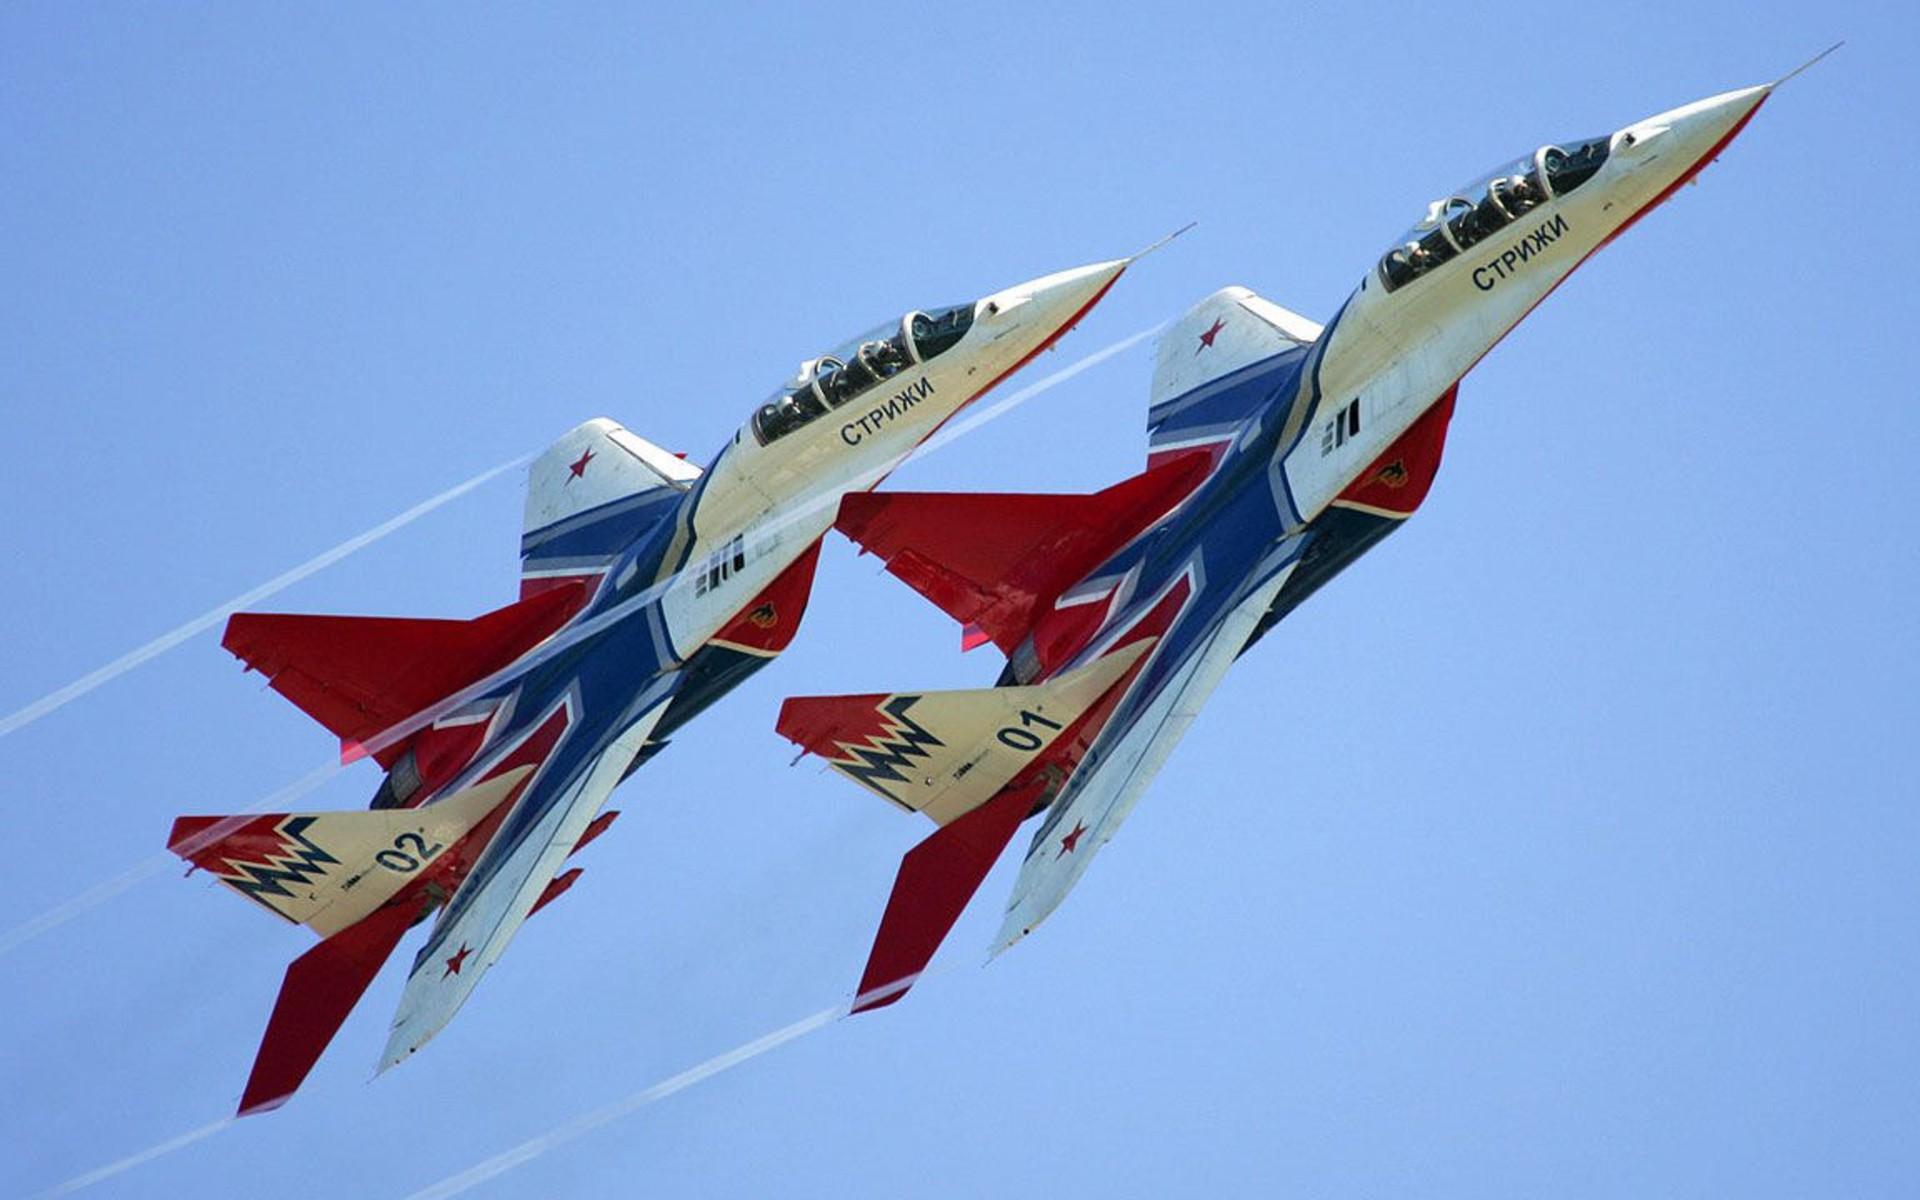 РФ занимает второе место в мире по количеству военной авиации